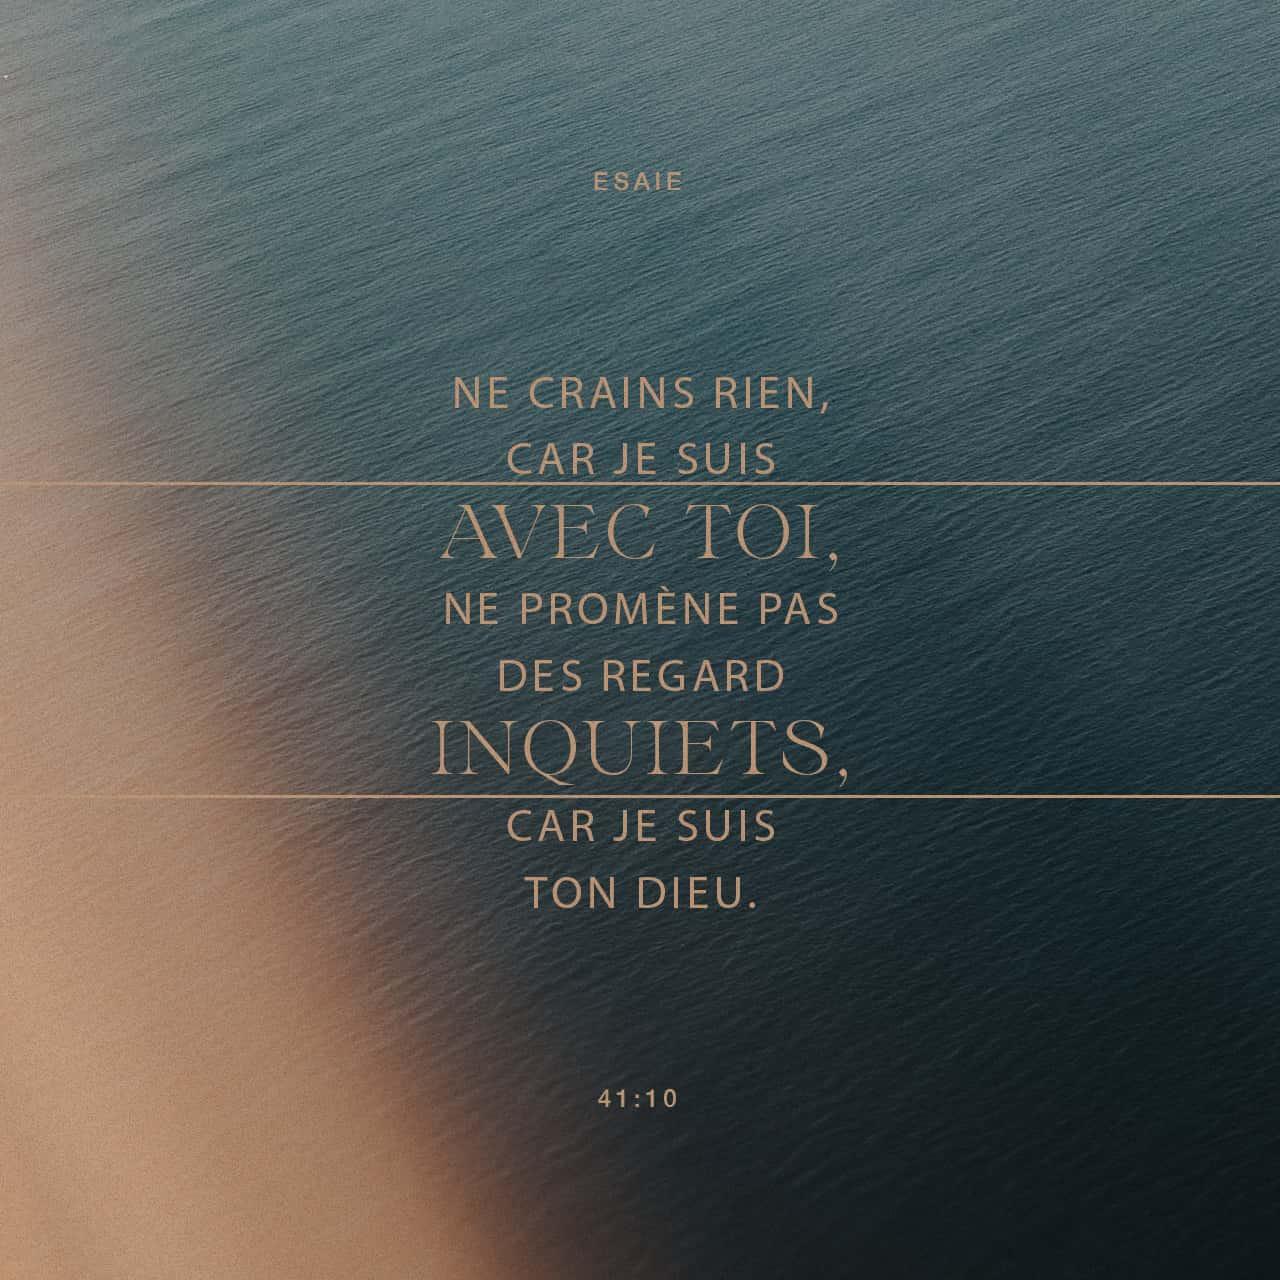 «N'aie pas peur, je suis avec toi. Ne regarde pas autour de toi avec inquiétude. Oui, ton Dieu, c'est moi. - Esaïe 41:10 - Verset illustré